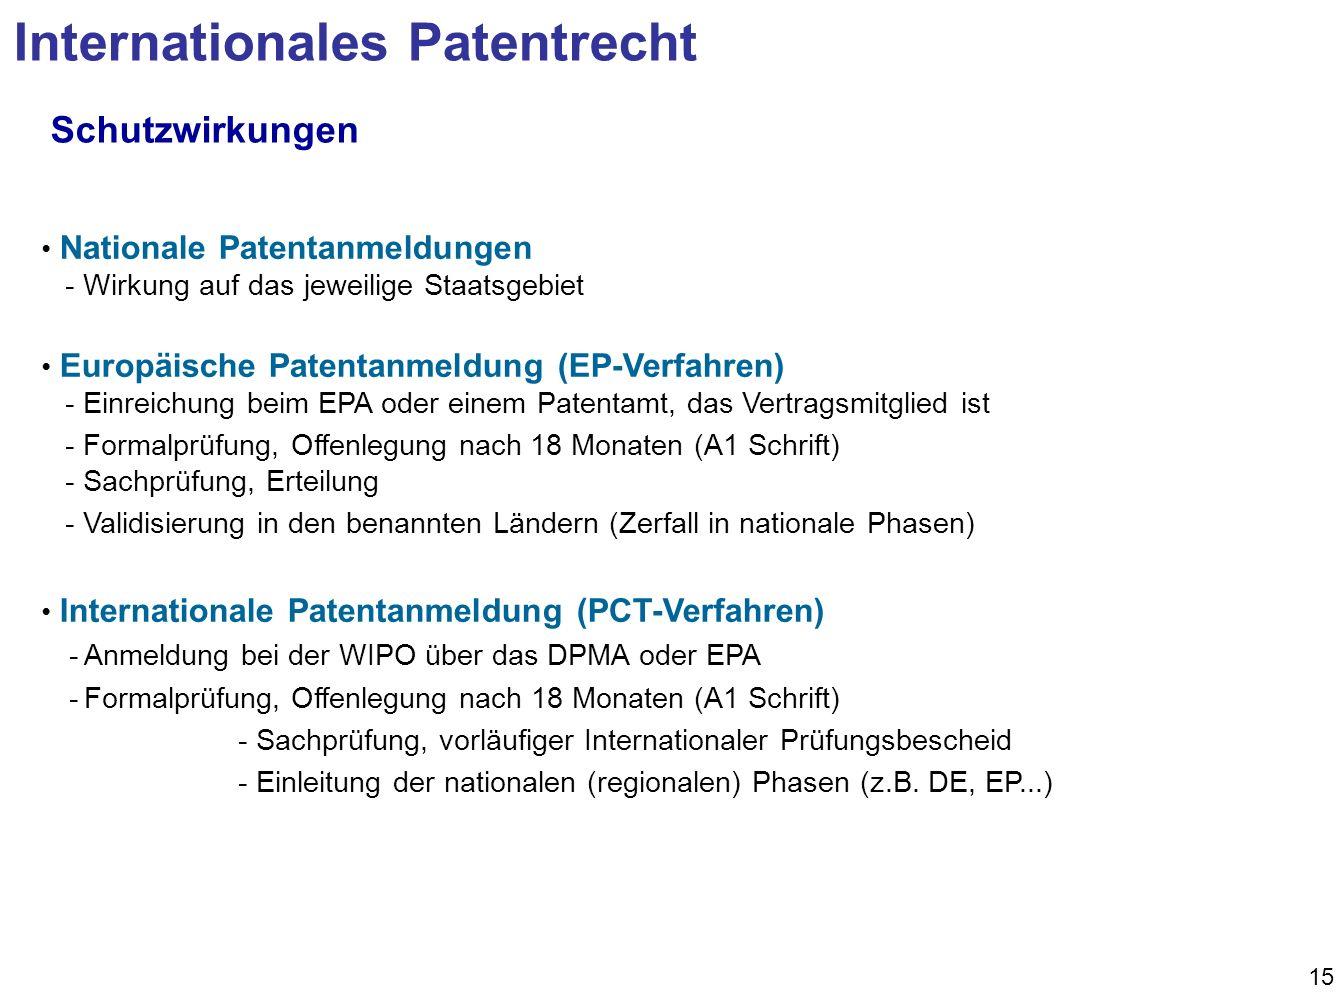 15 Schutzwirkungen Nationale Patentanmeldungen - Wirkung auf das jeweilige Staatsgebiet Europäische Patentanmeldung (EP-Verfahren) - Einreichung beim